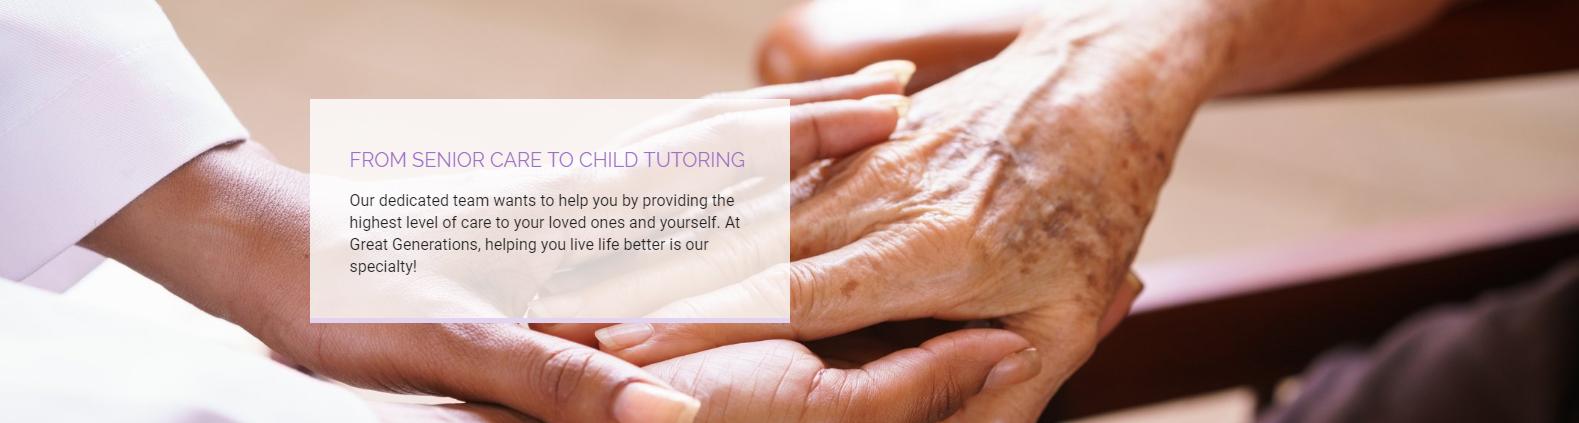 senior care to child tutoring